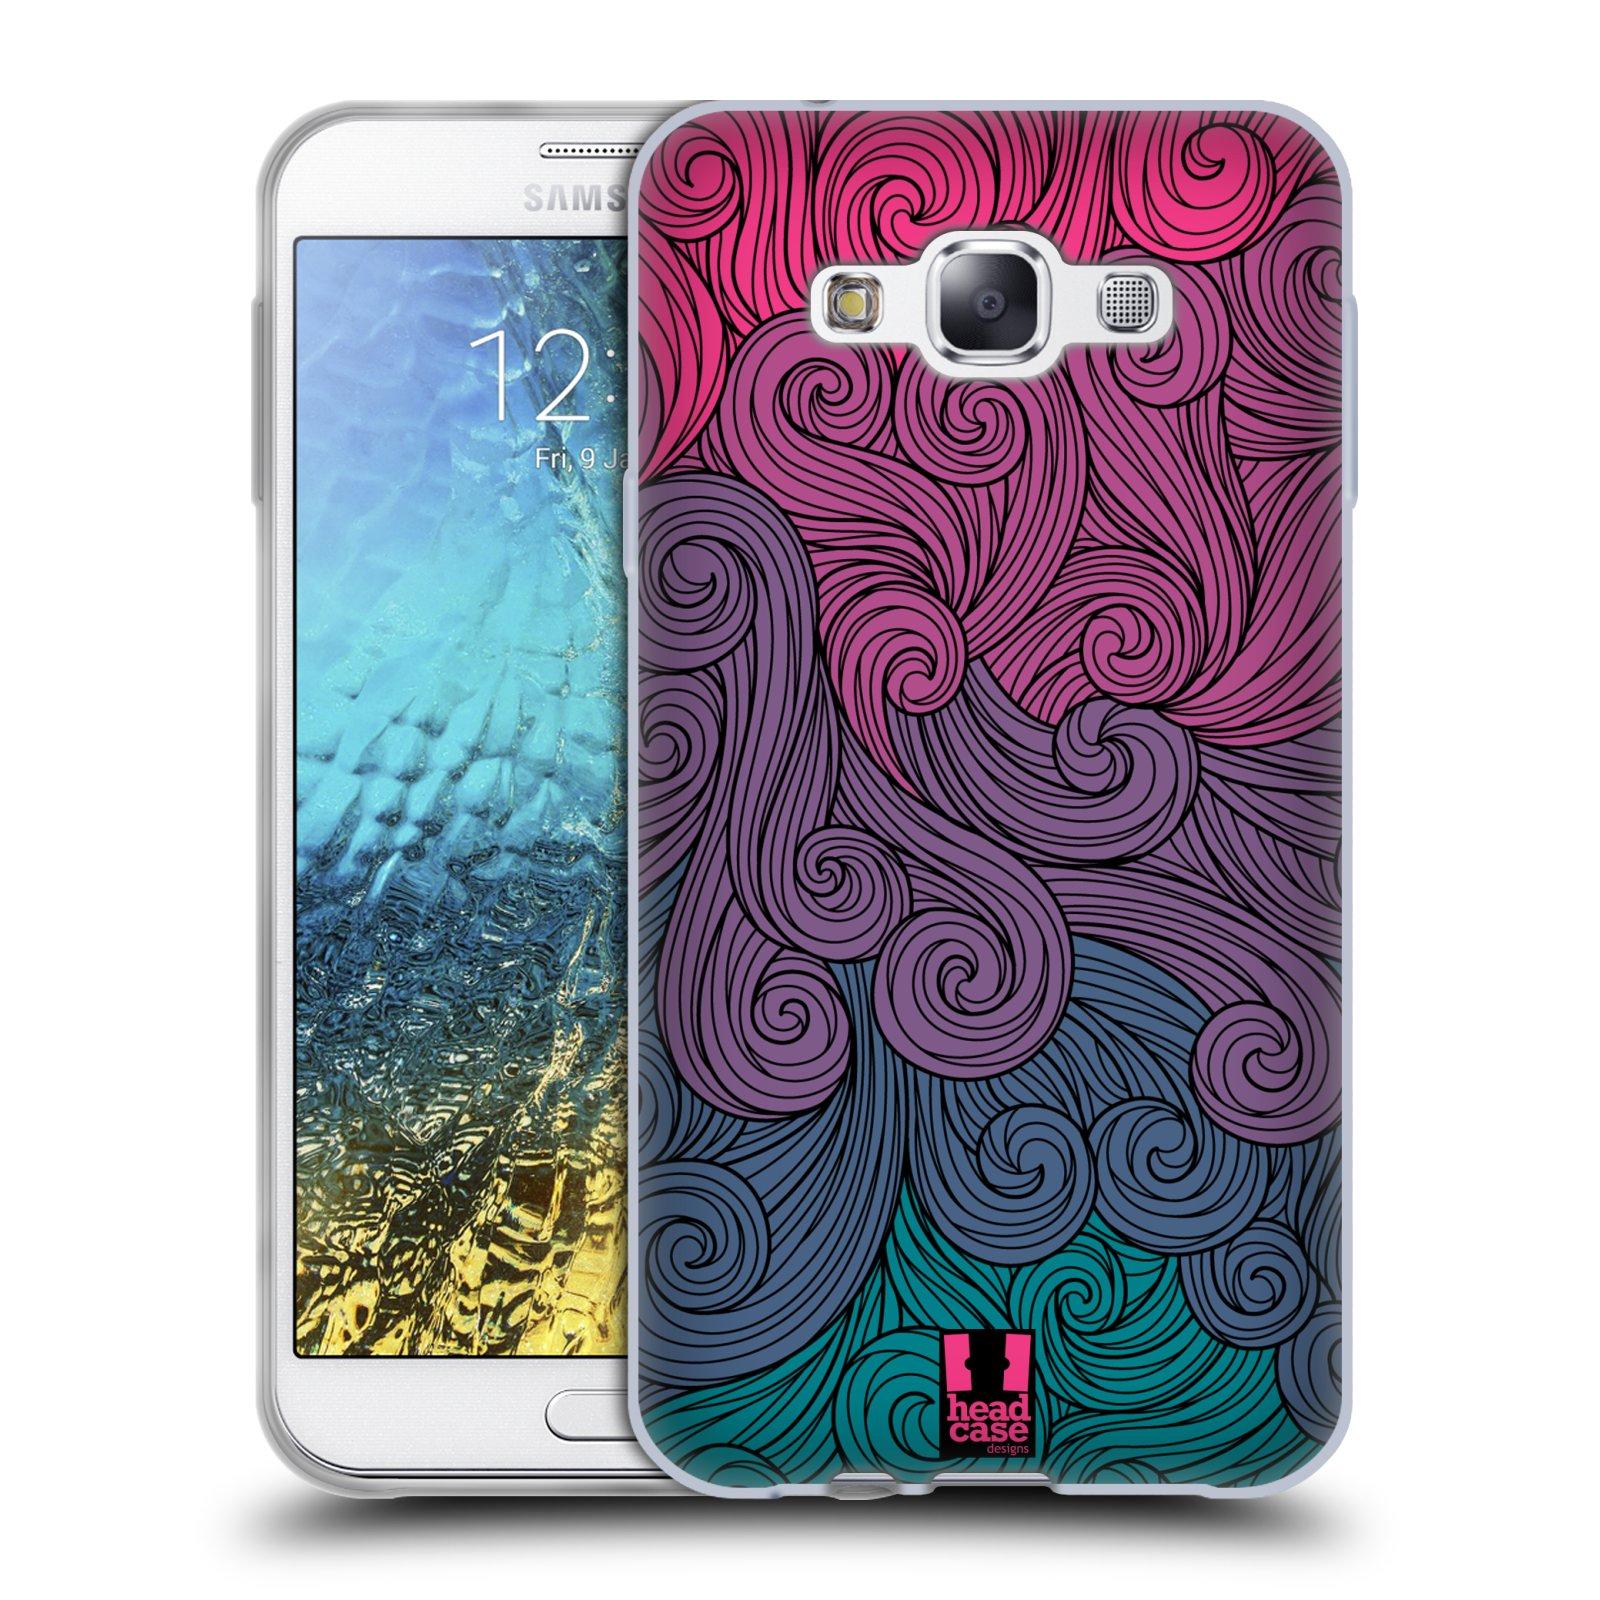 HEAD CASE DESIGNS VIVID SWIRLS SOFT GEL CASE FOR SAMSUNG PHONES 3